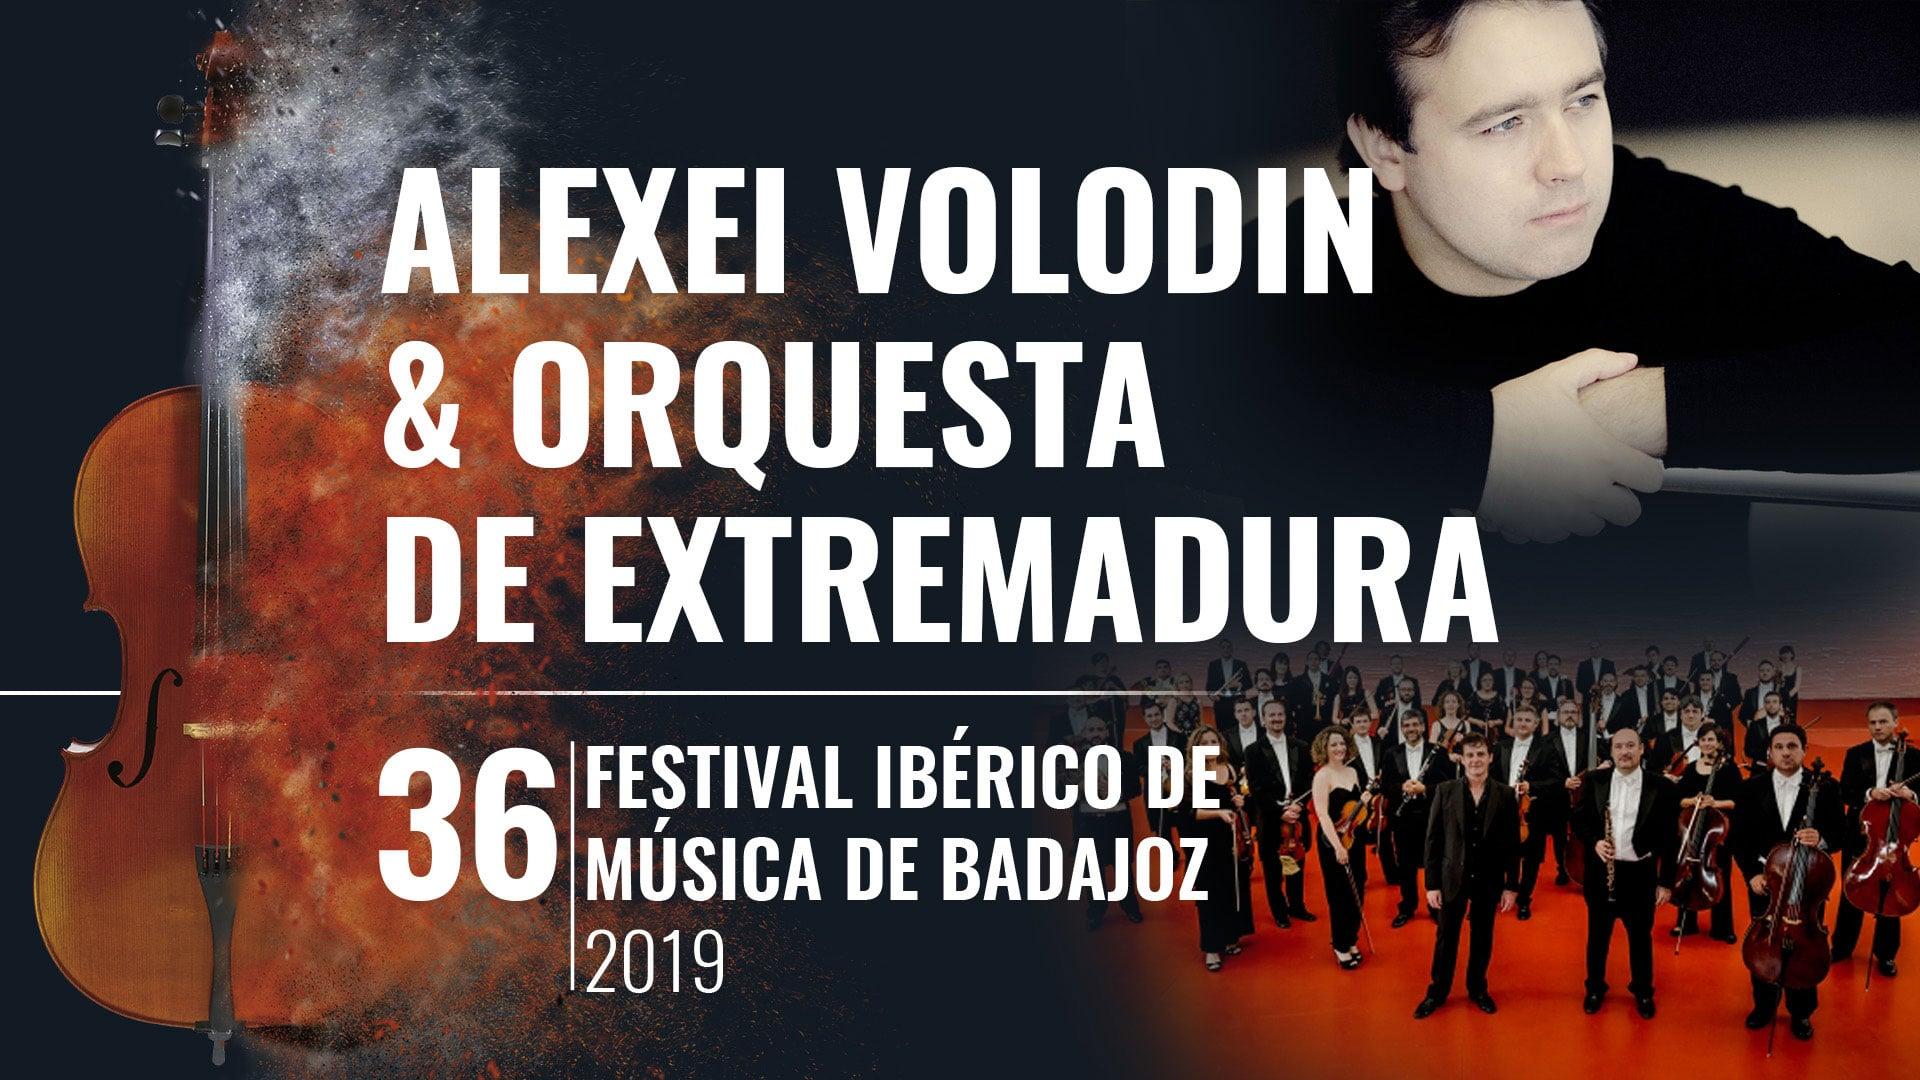 La OEX inaugura con Alexei Volodin el 36º FIMB